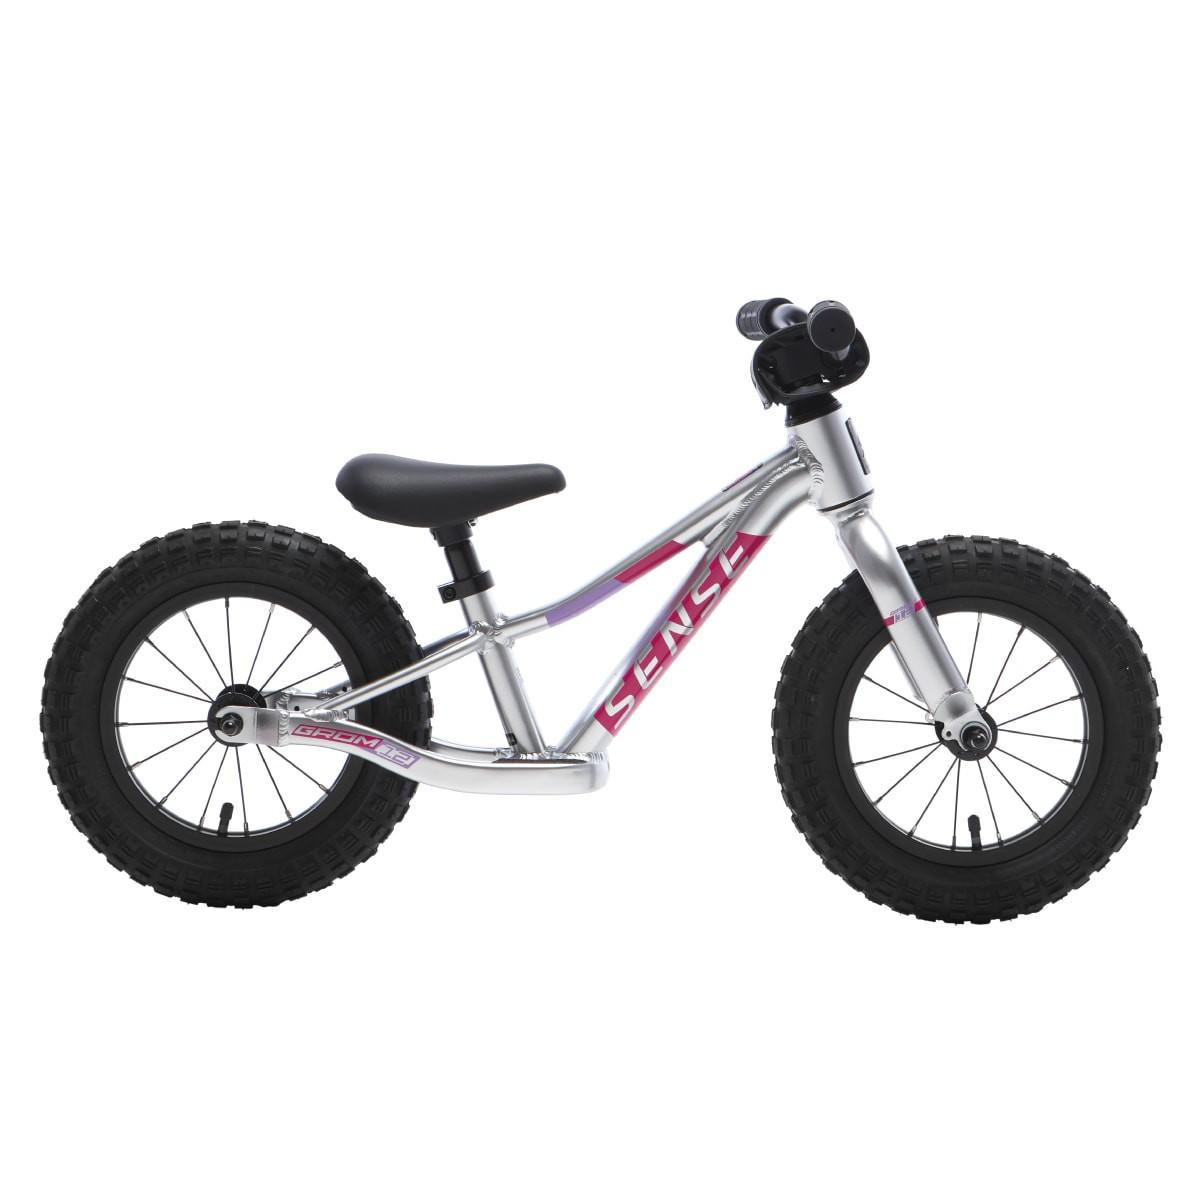 Bike Sense Grom 12 2021 Aluminio e Rosa